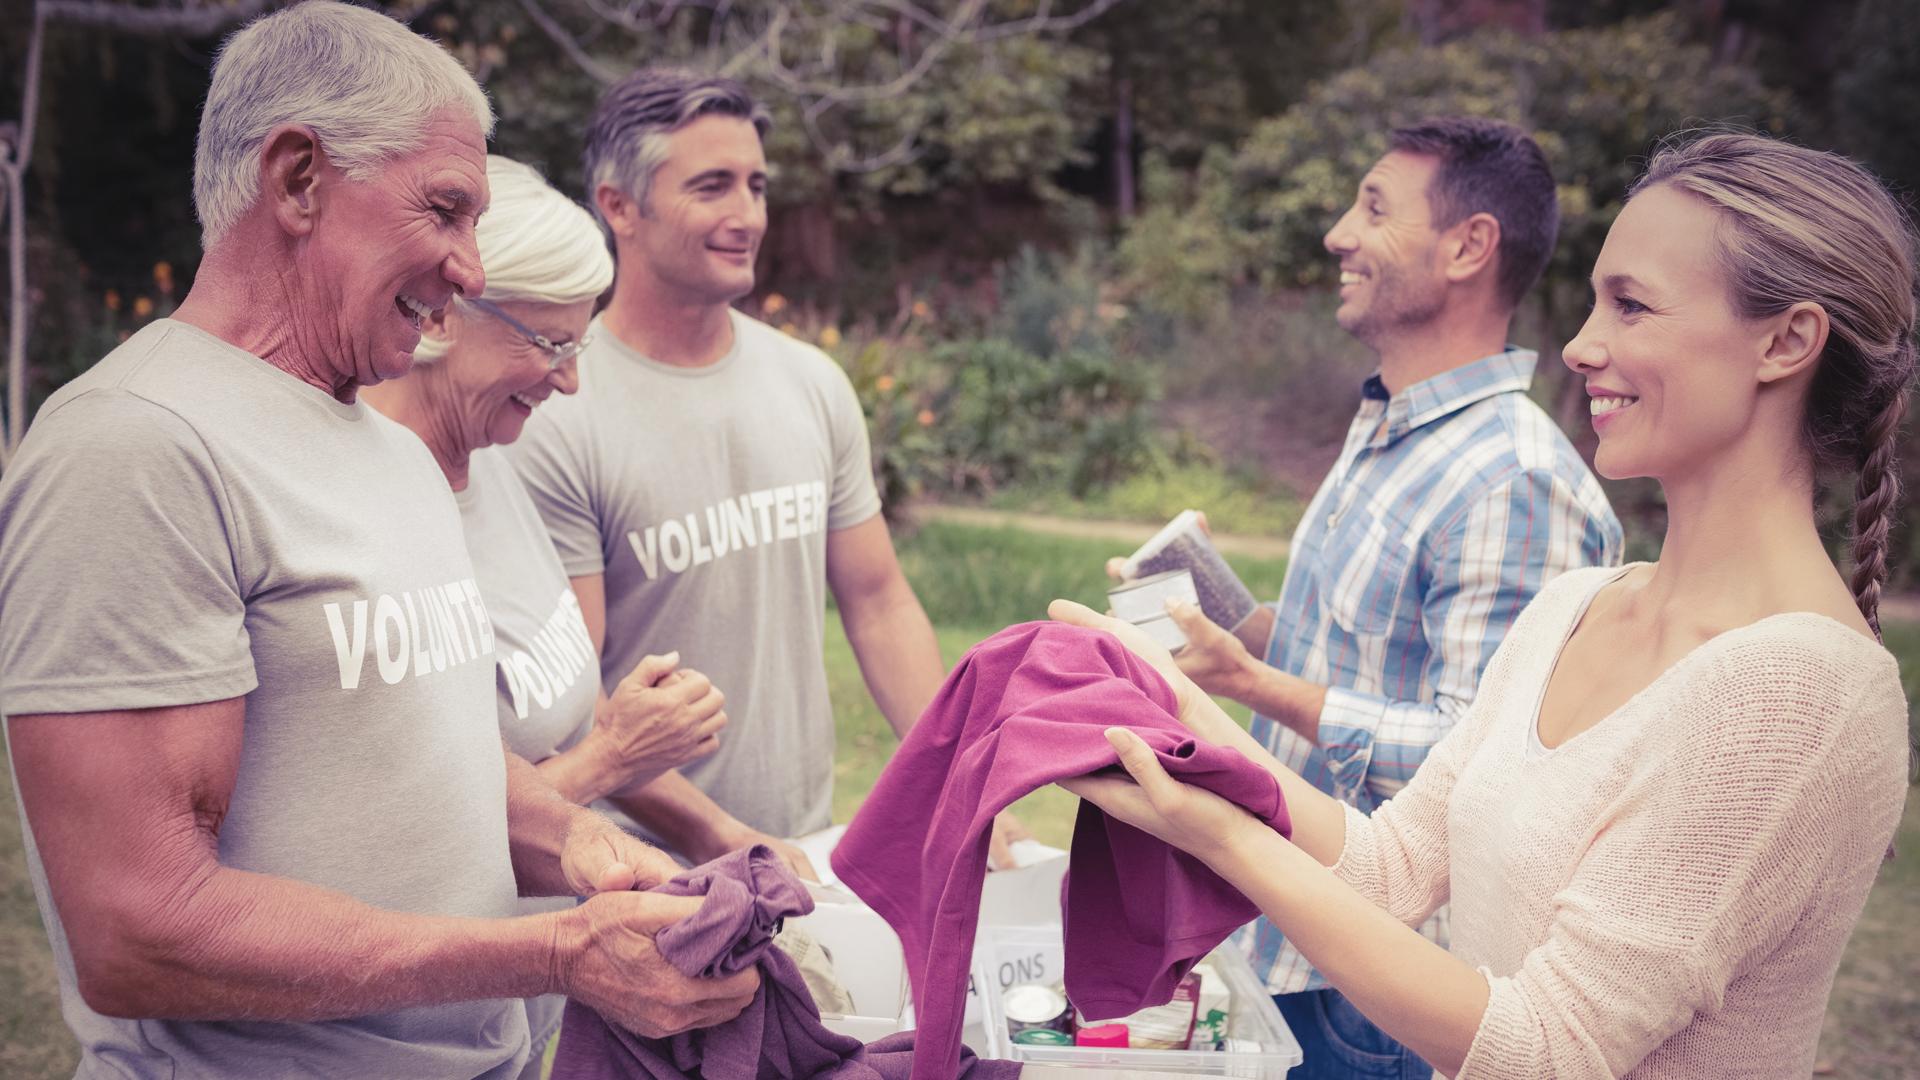 Trabalho voluntário: como essa atividade pode ajudar a turbinar sua carreira